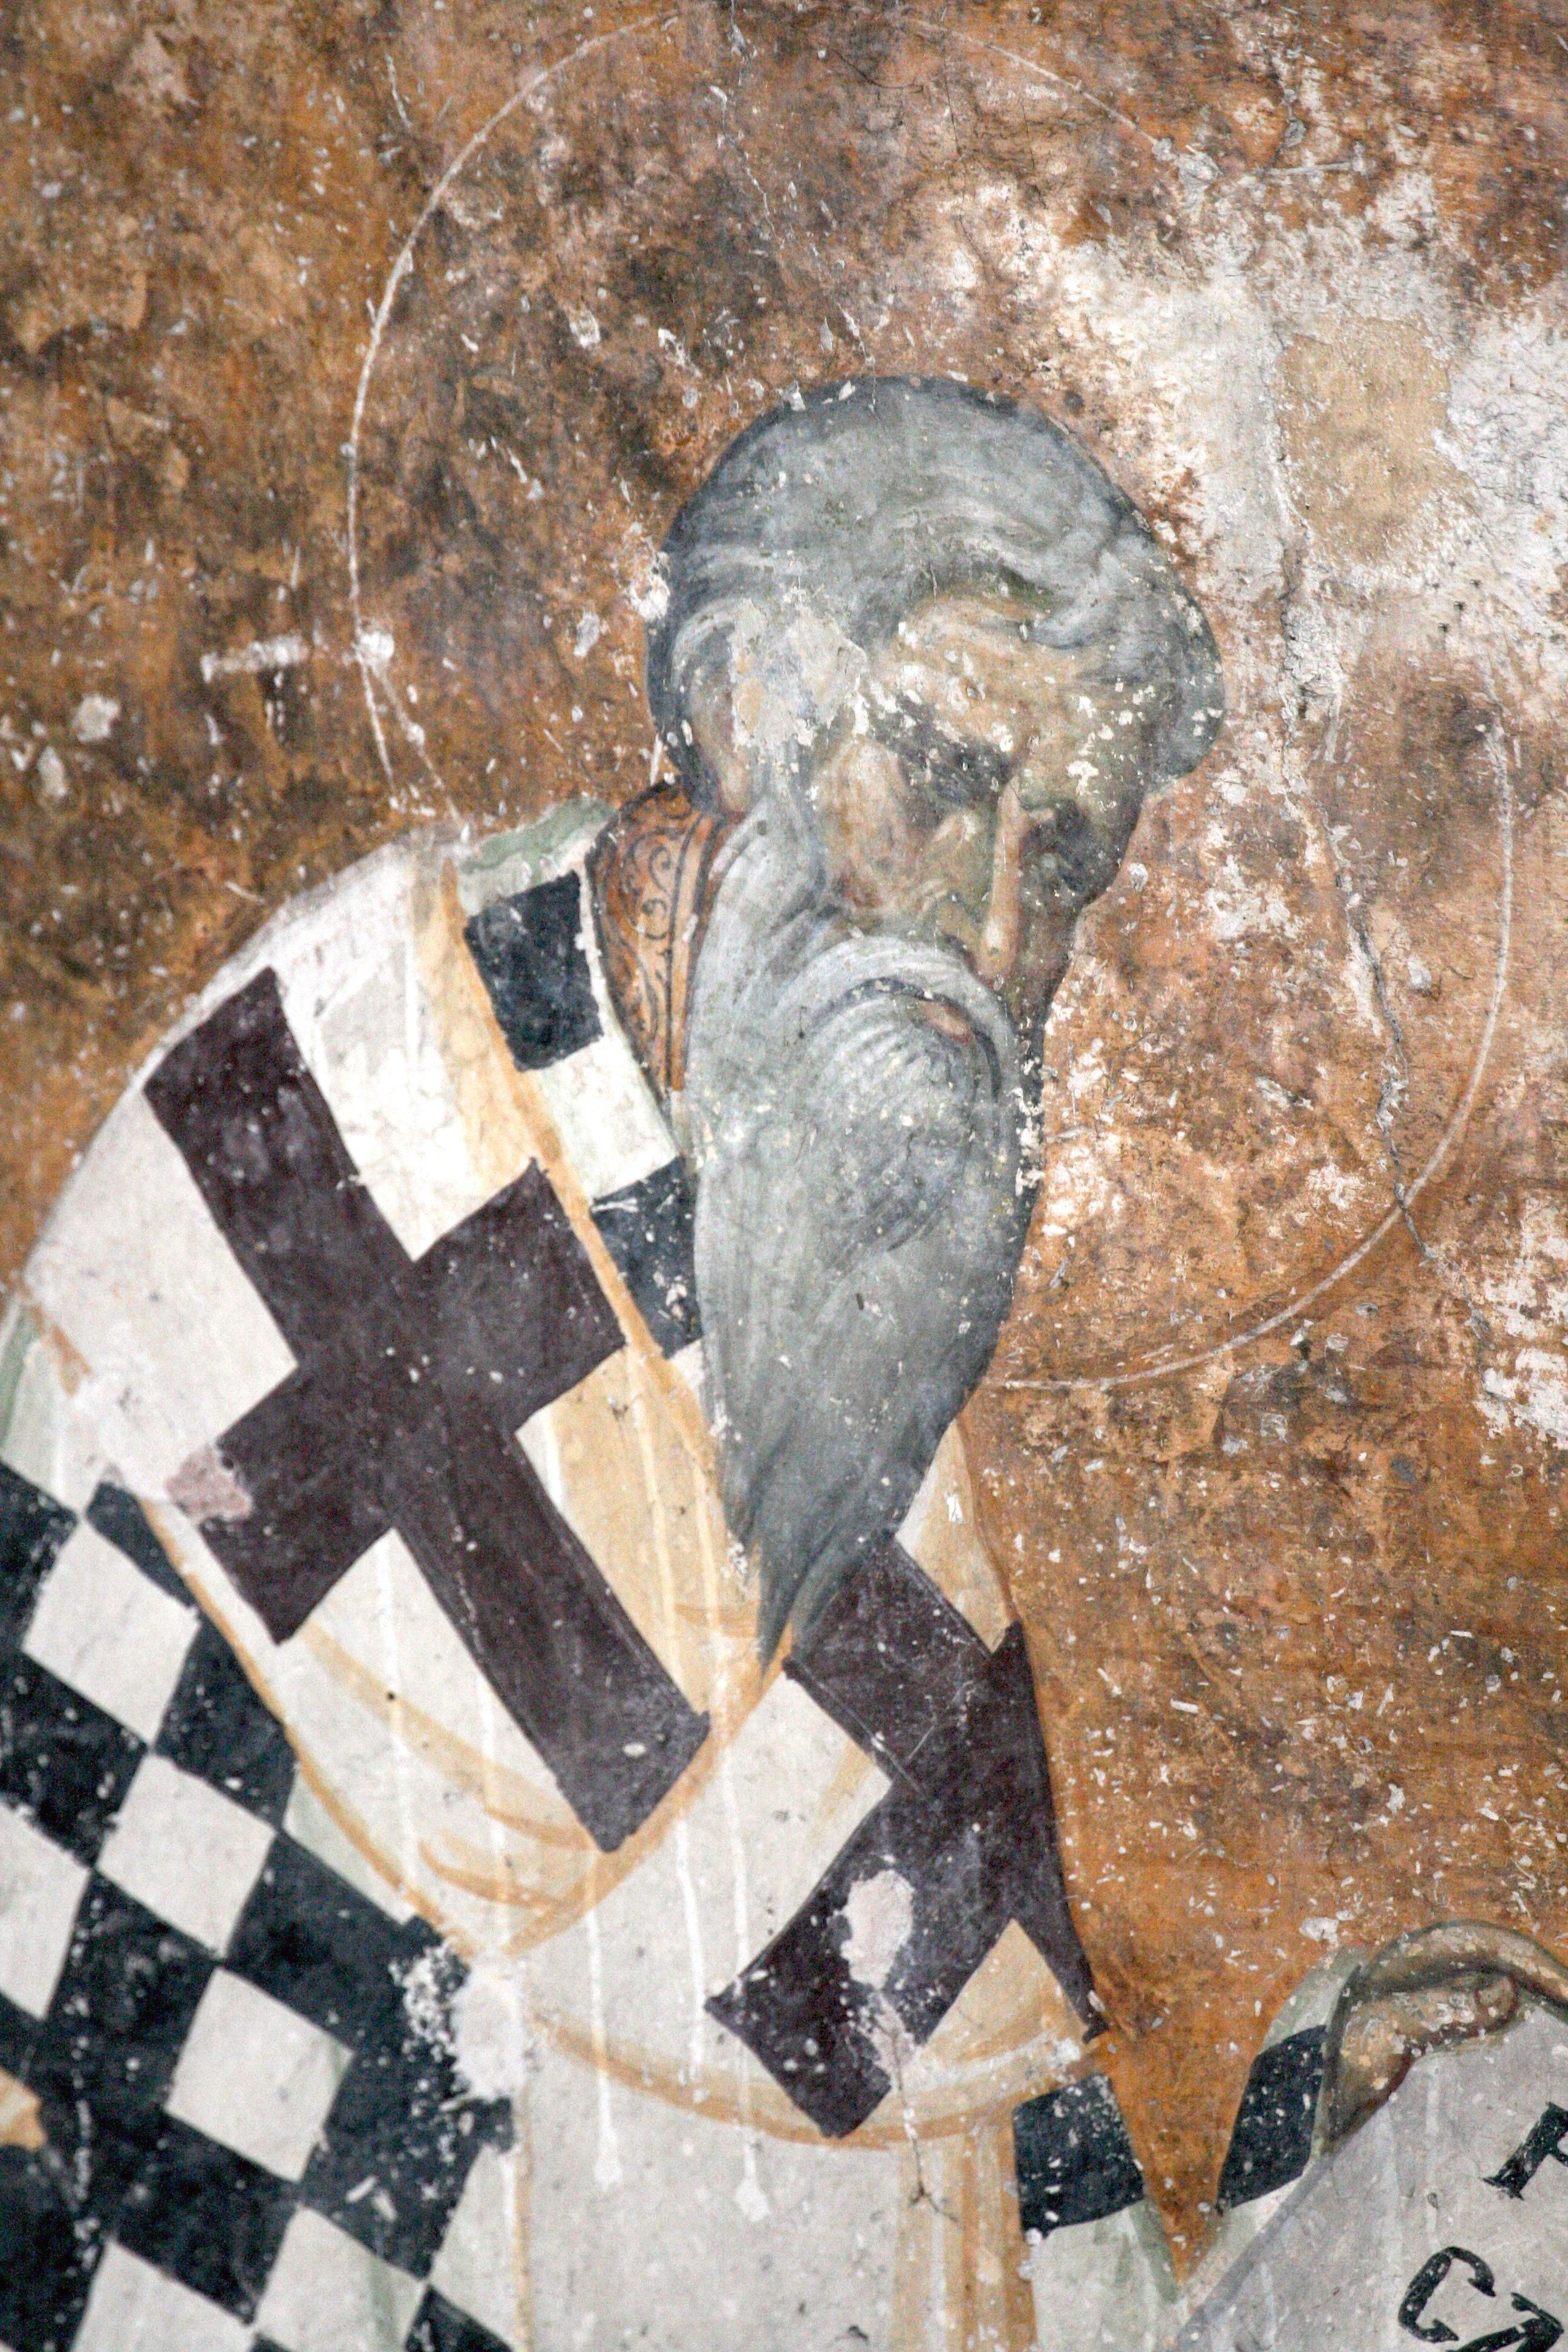 Святитель. Фреска монастыря Сопочаны, Сербия. XIII век.